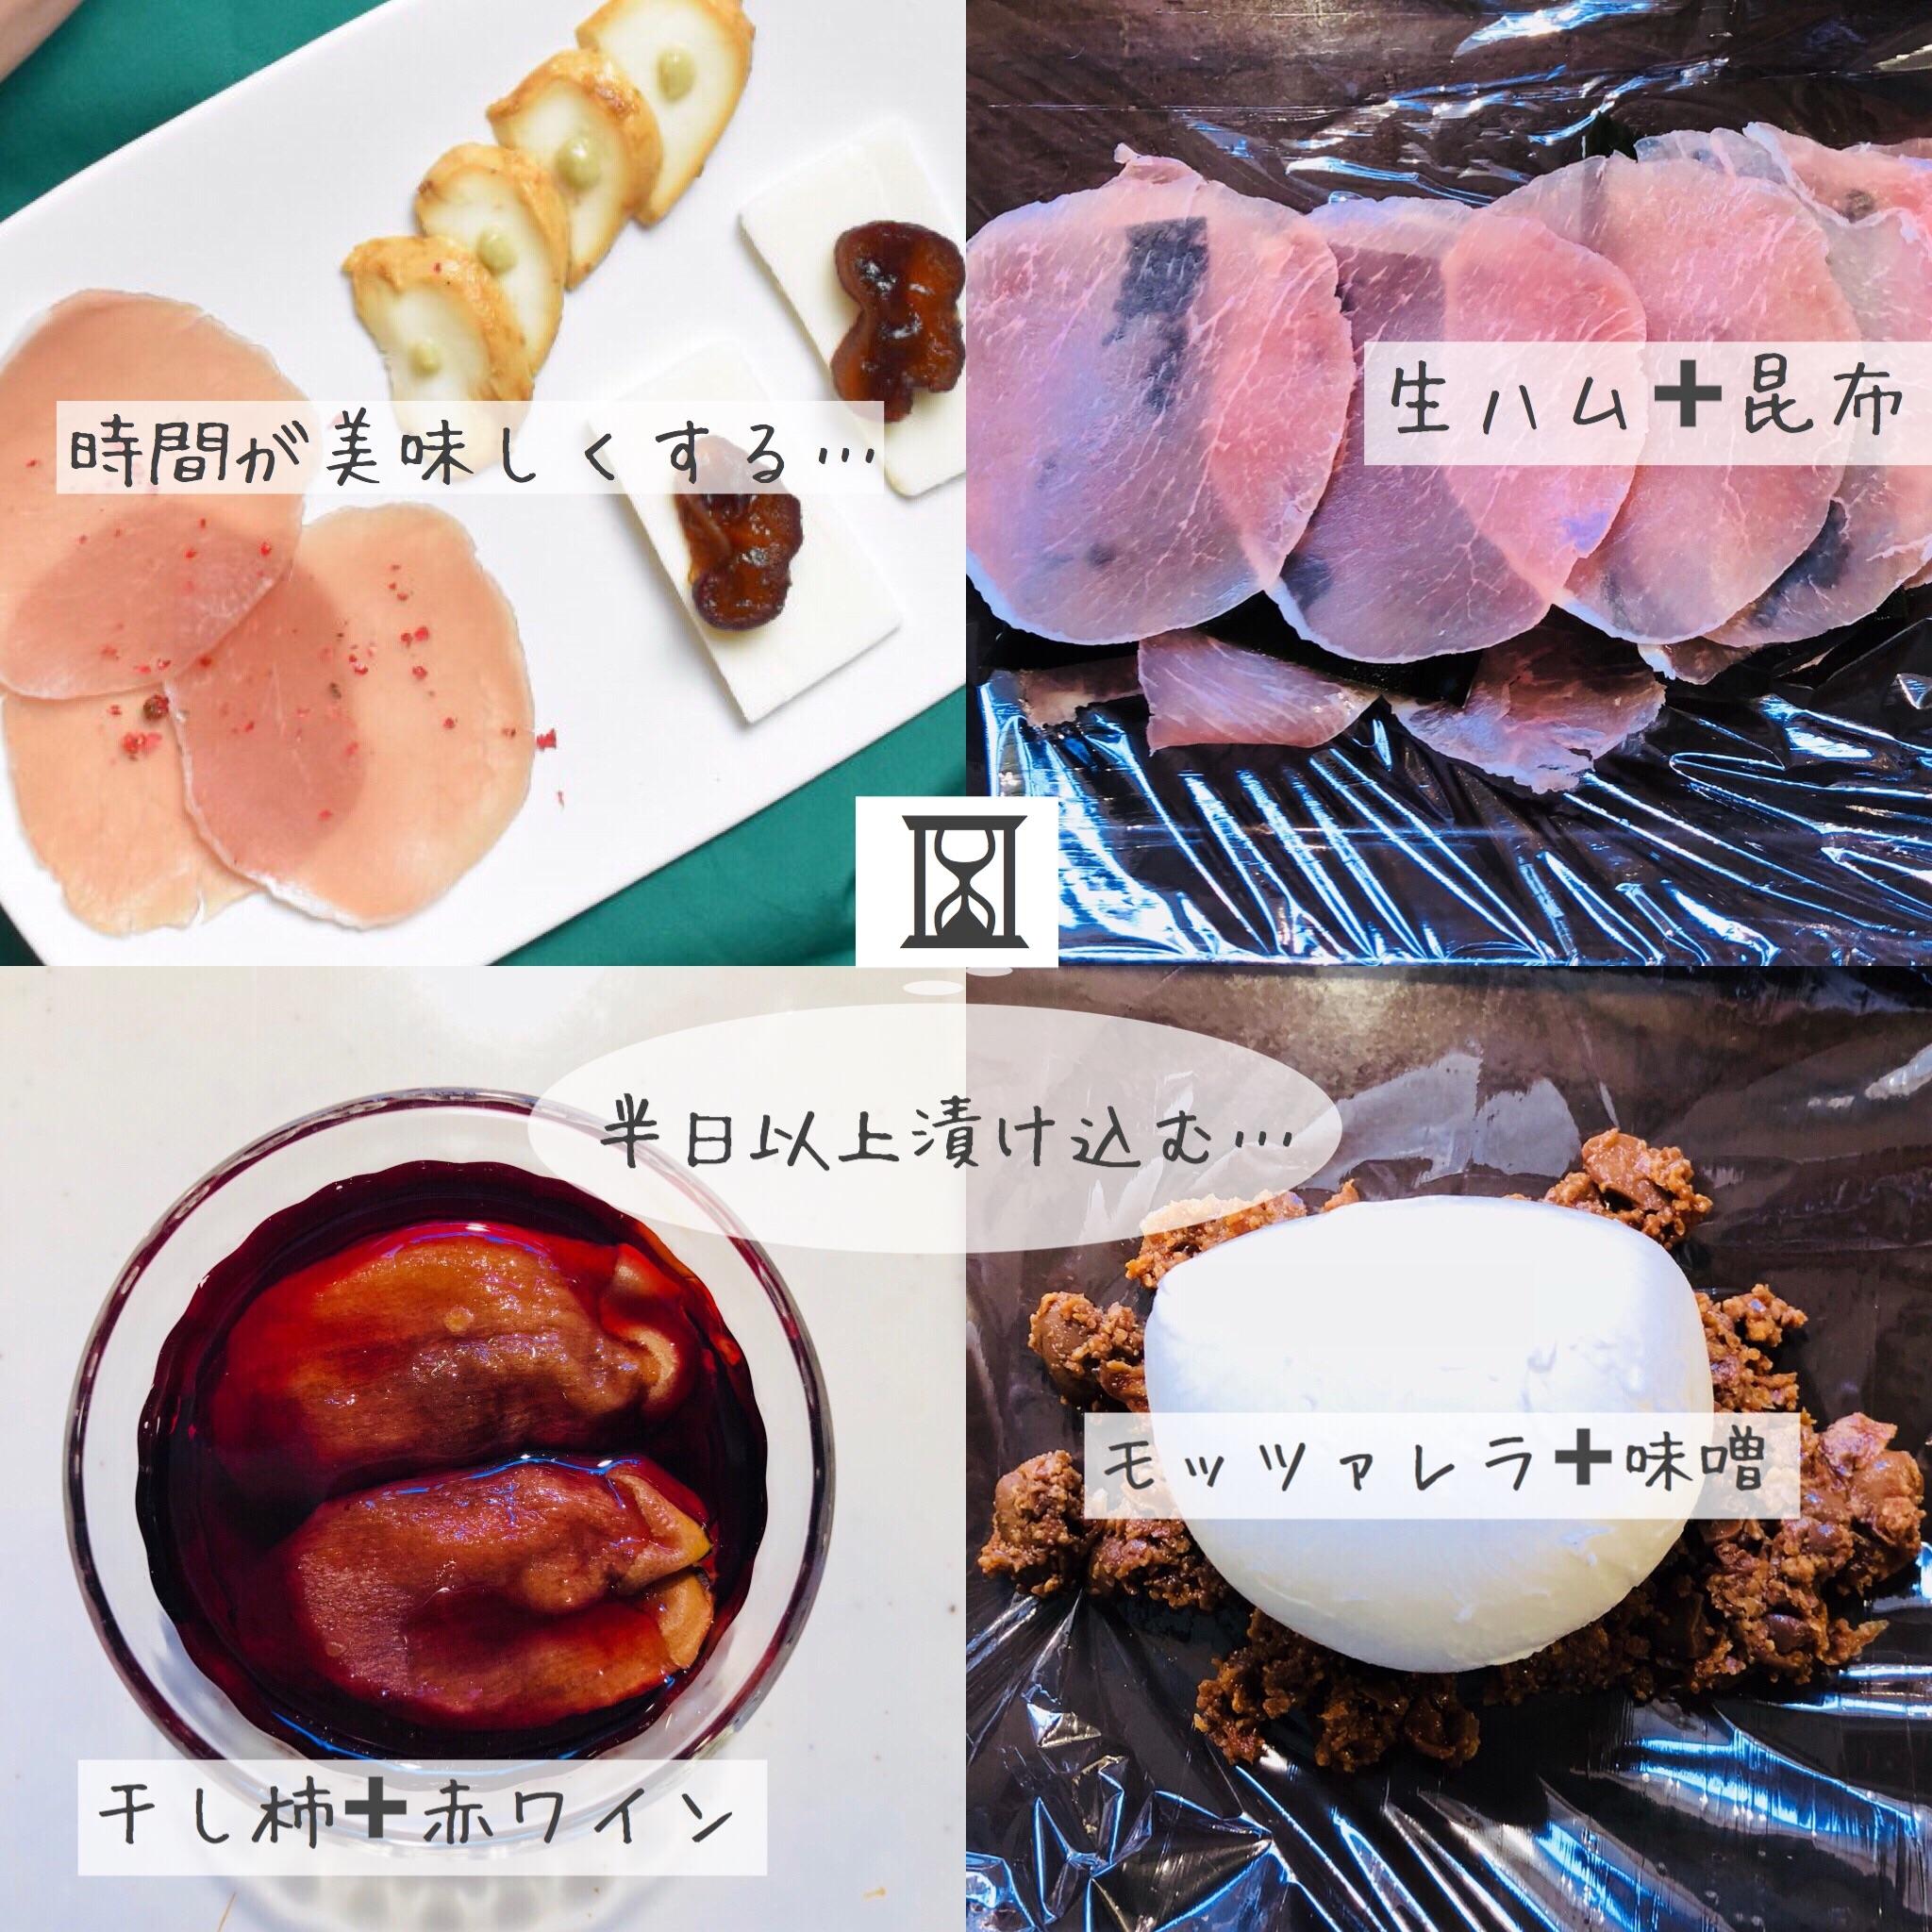 f:id:fujikana:20181112202205j:image